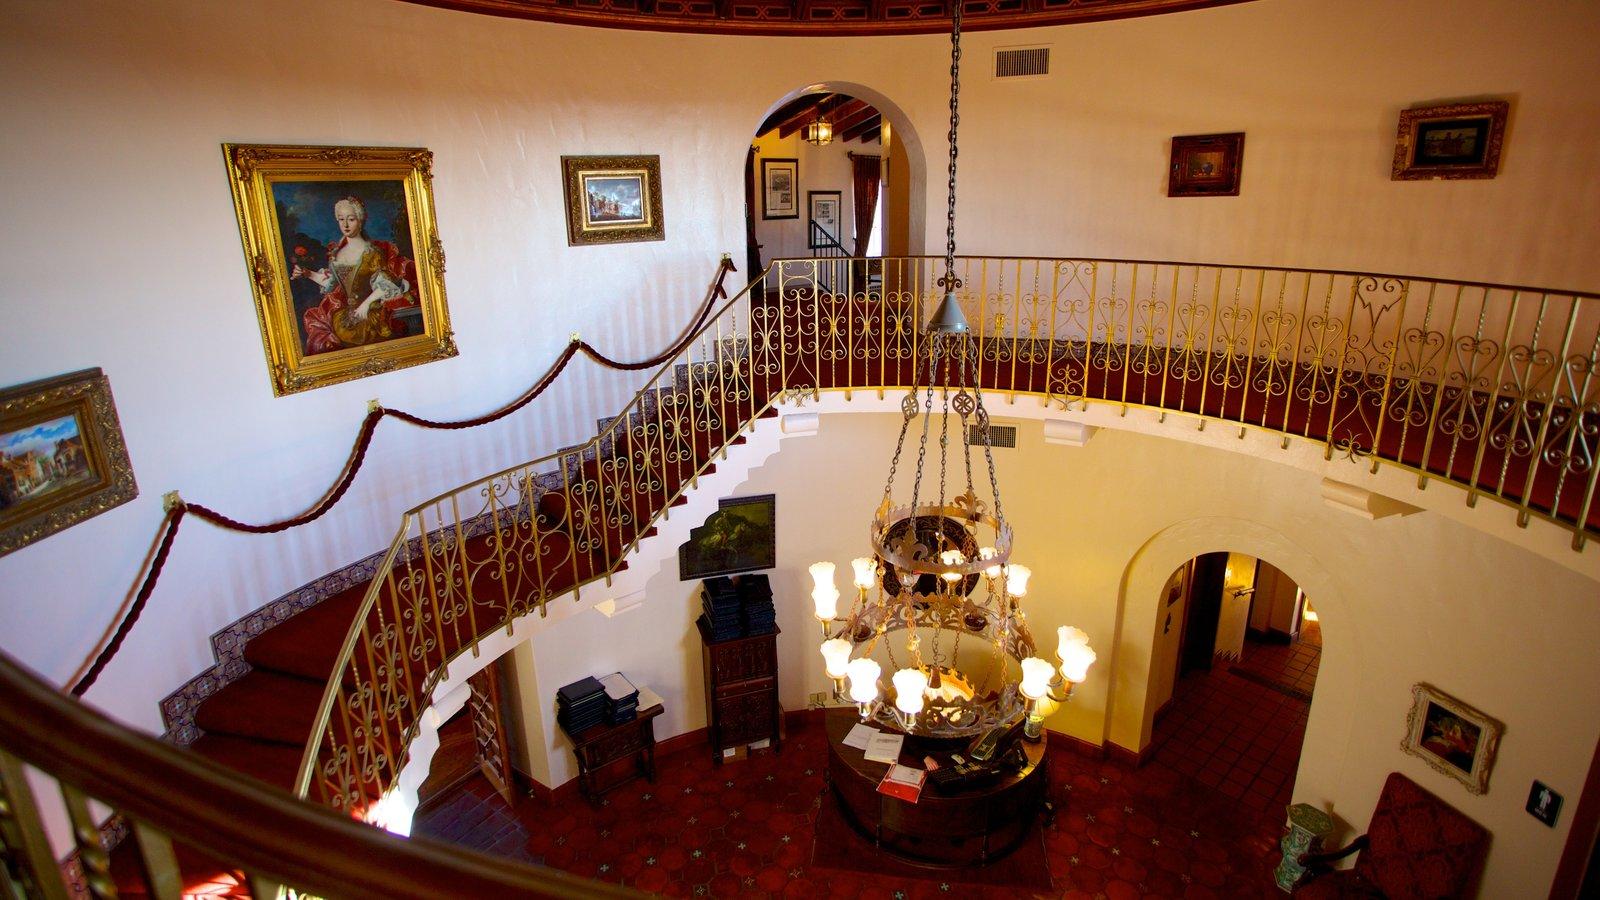 Wrigley Mansion ofreciendo vistas interiores